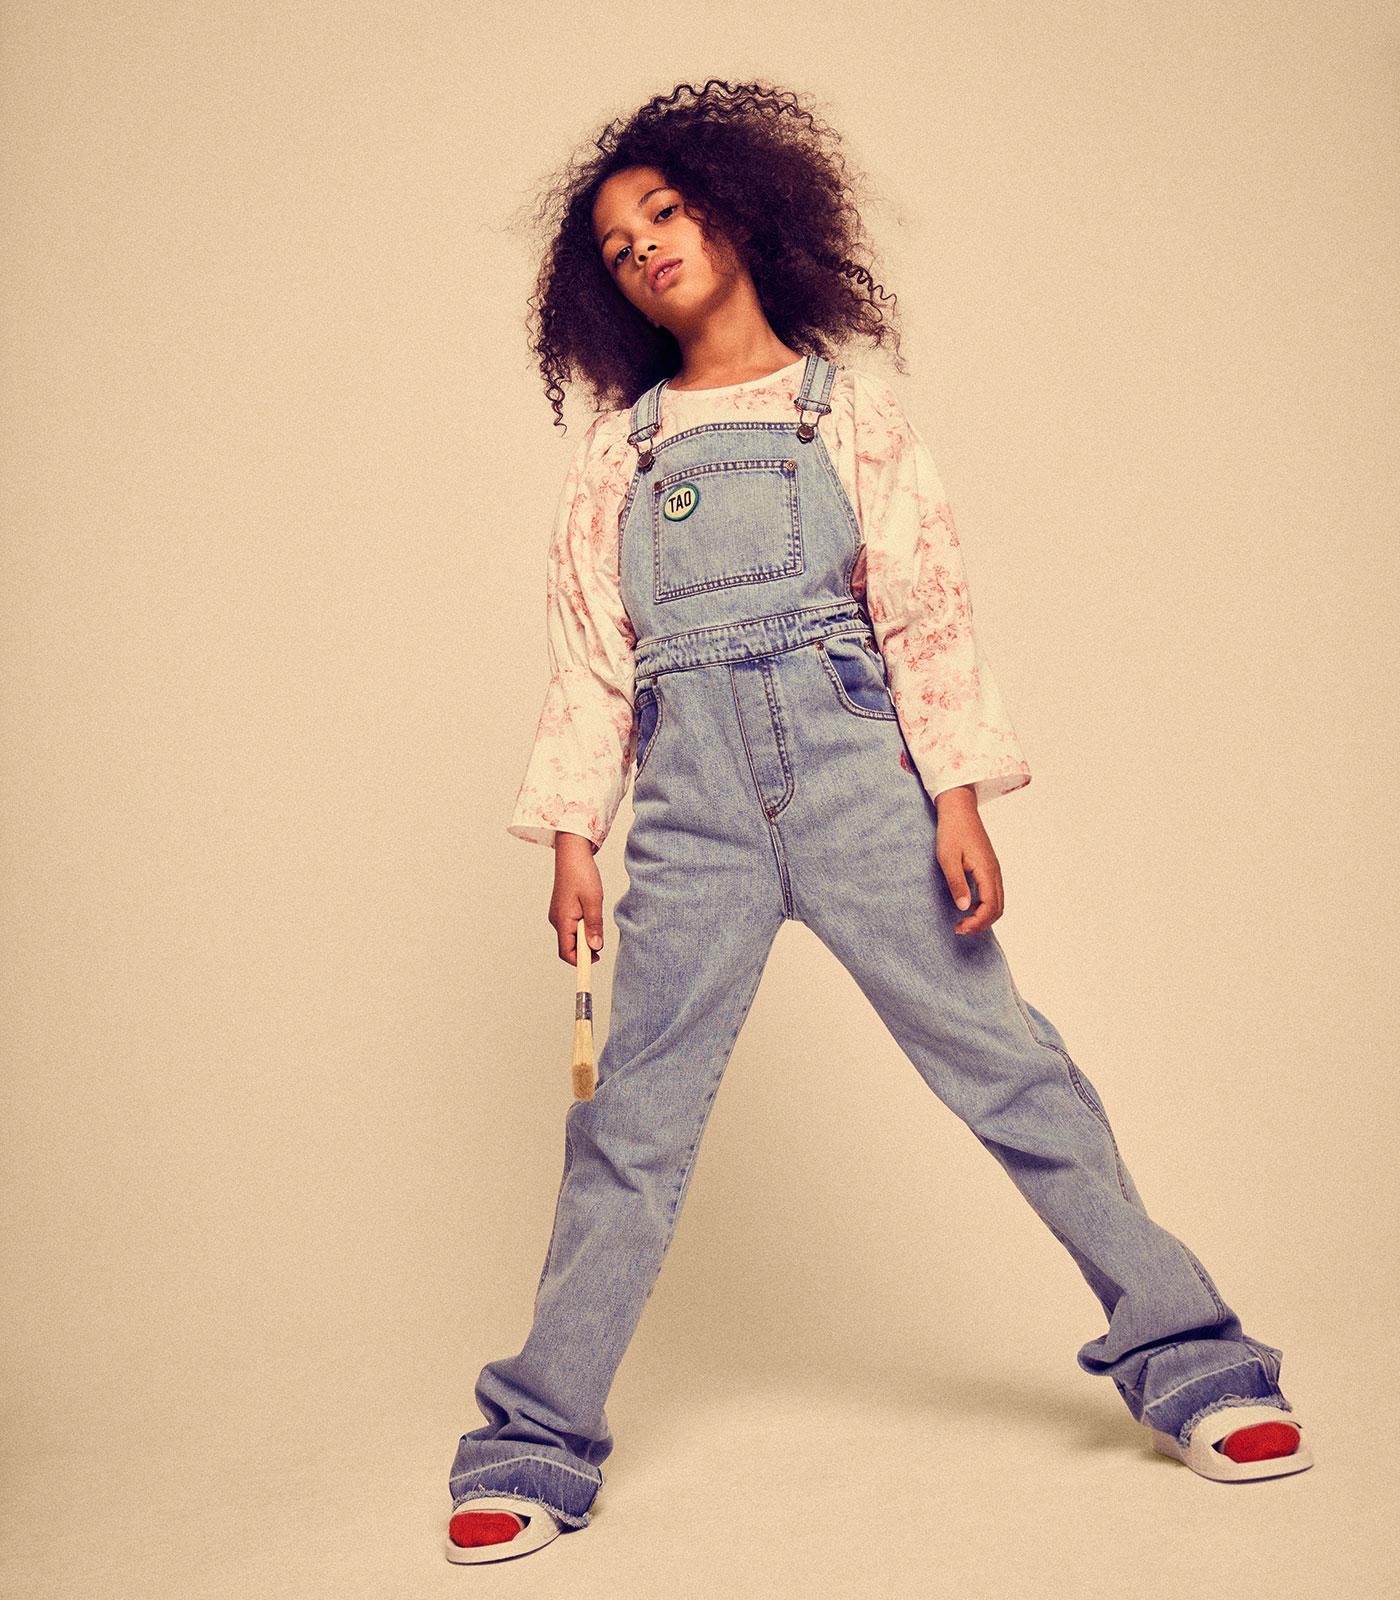 Mode für Kinder im Sommer 2021: Jeans-Latzhose // HIMBEER